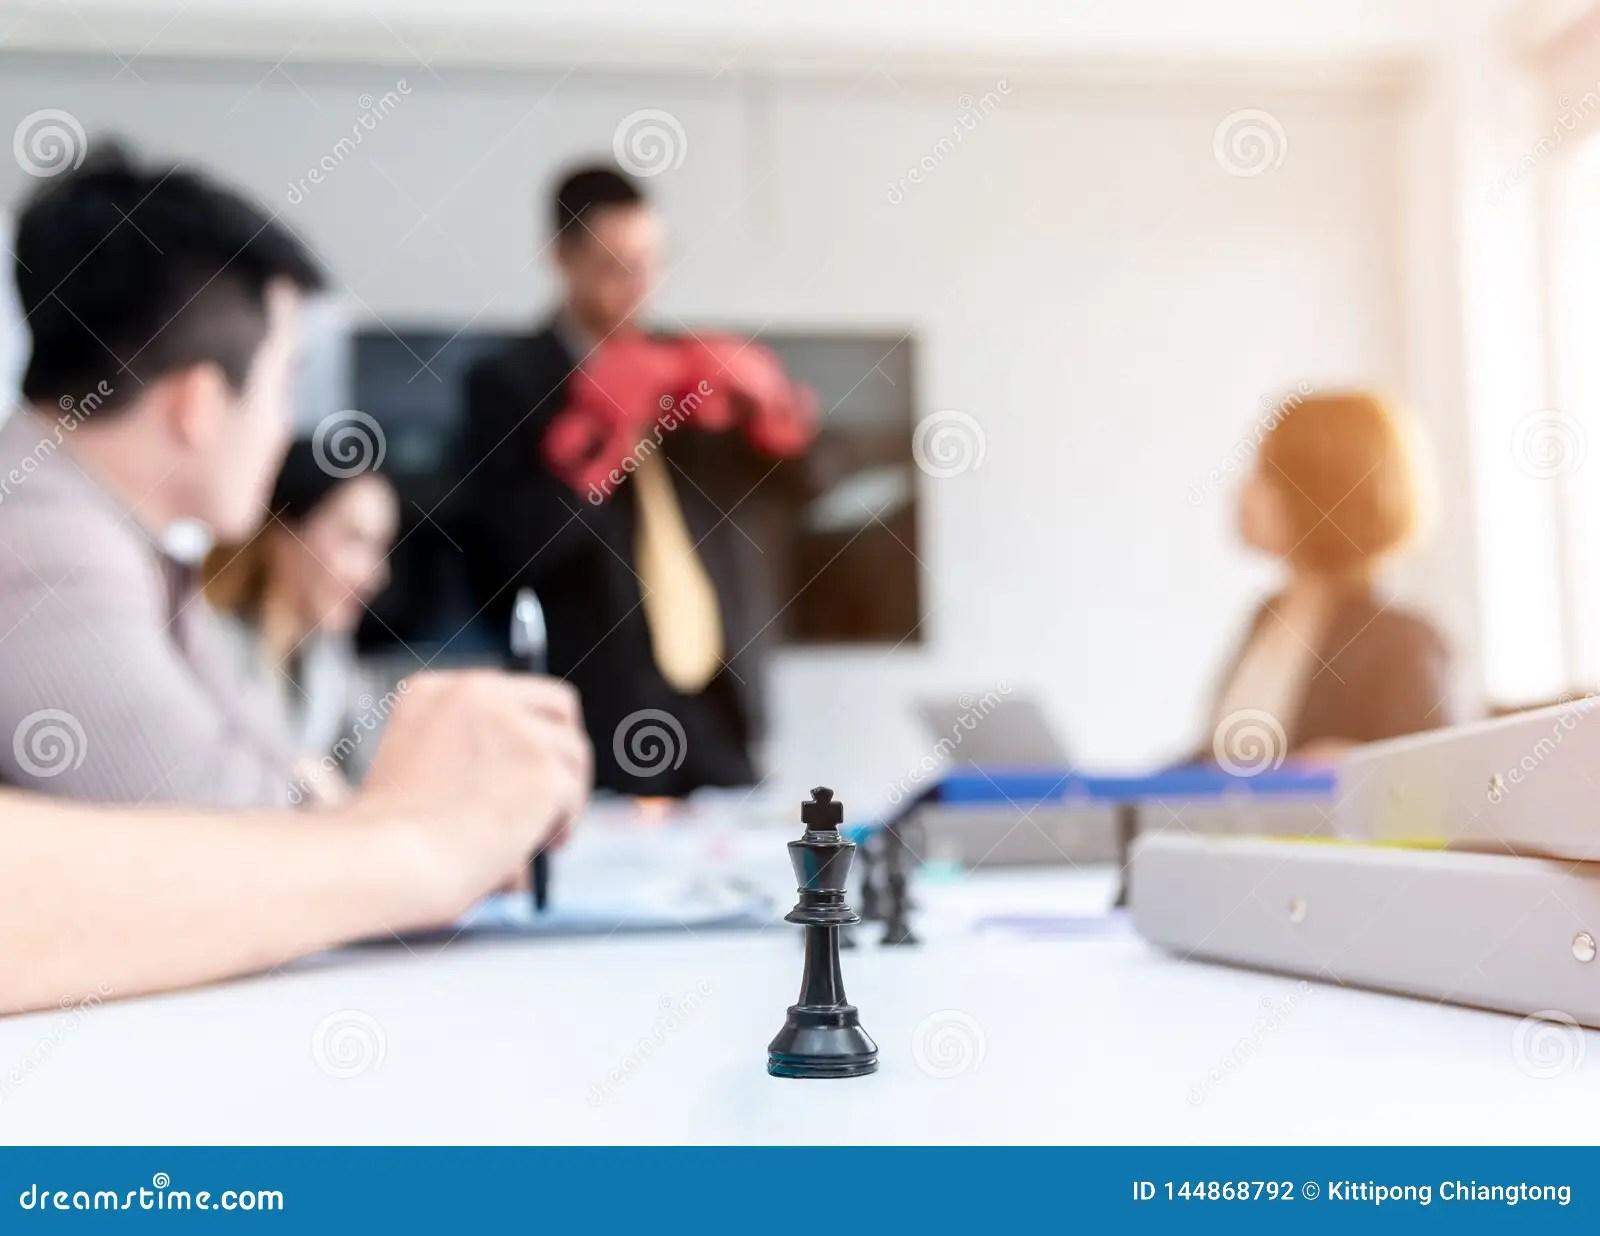 Business People Teamwork Brainstorming Marketing Plan